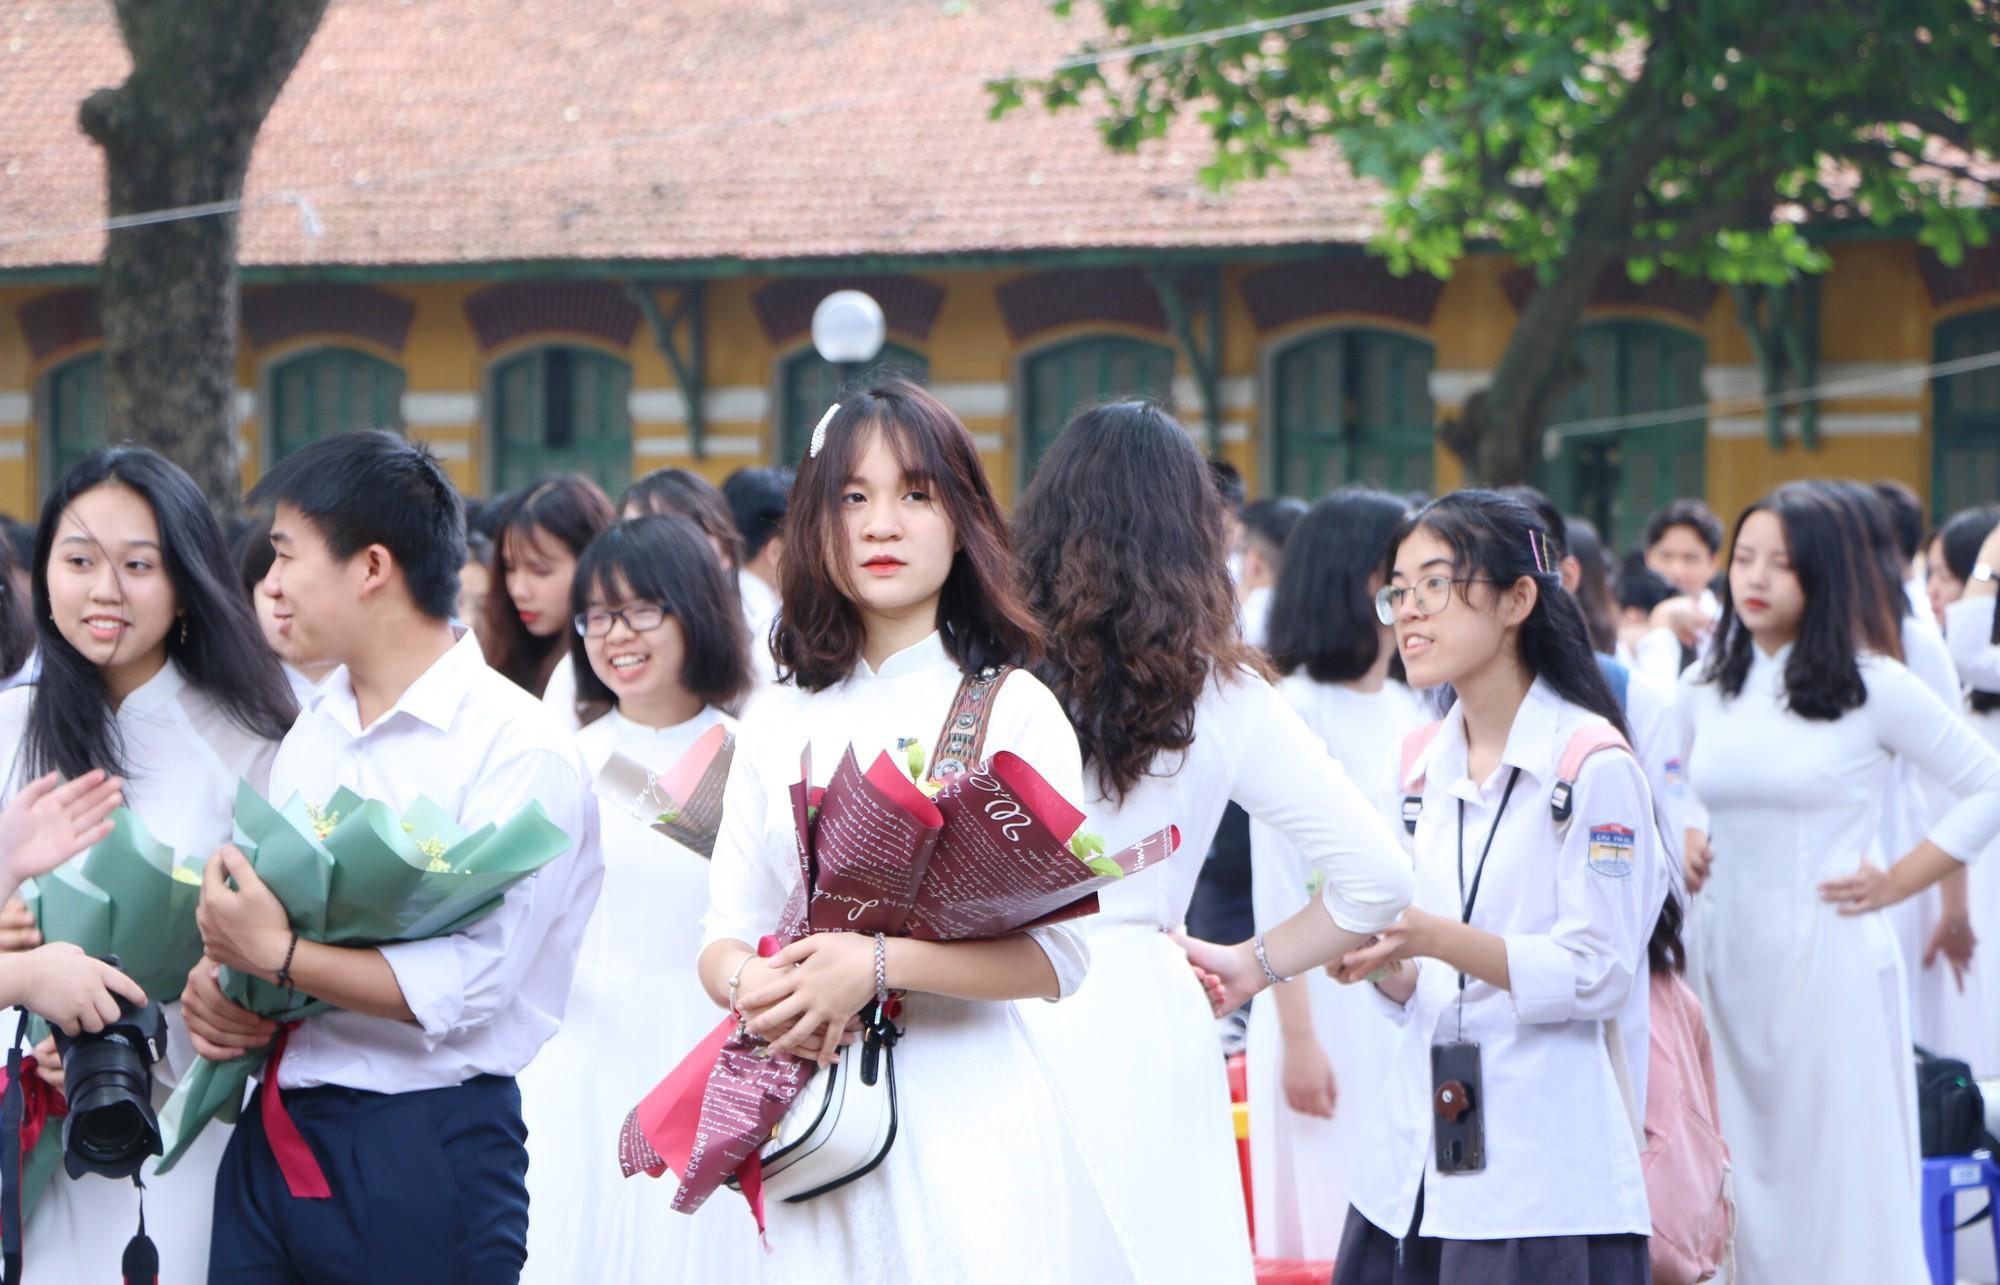 Ngắm nữ sinh Trường Chu Văn An duyên dáng, đẹp tinh khôi trong ngày bế giảng - Ảnh 7.